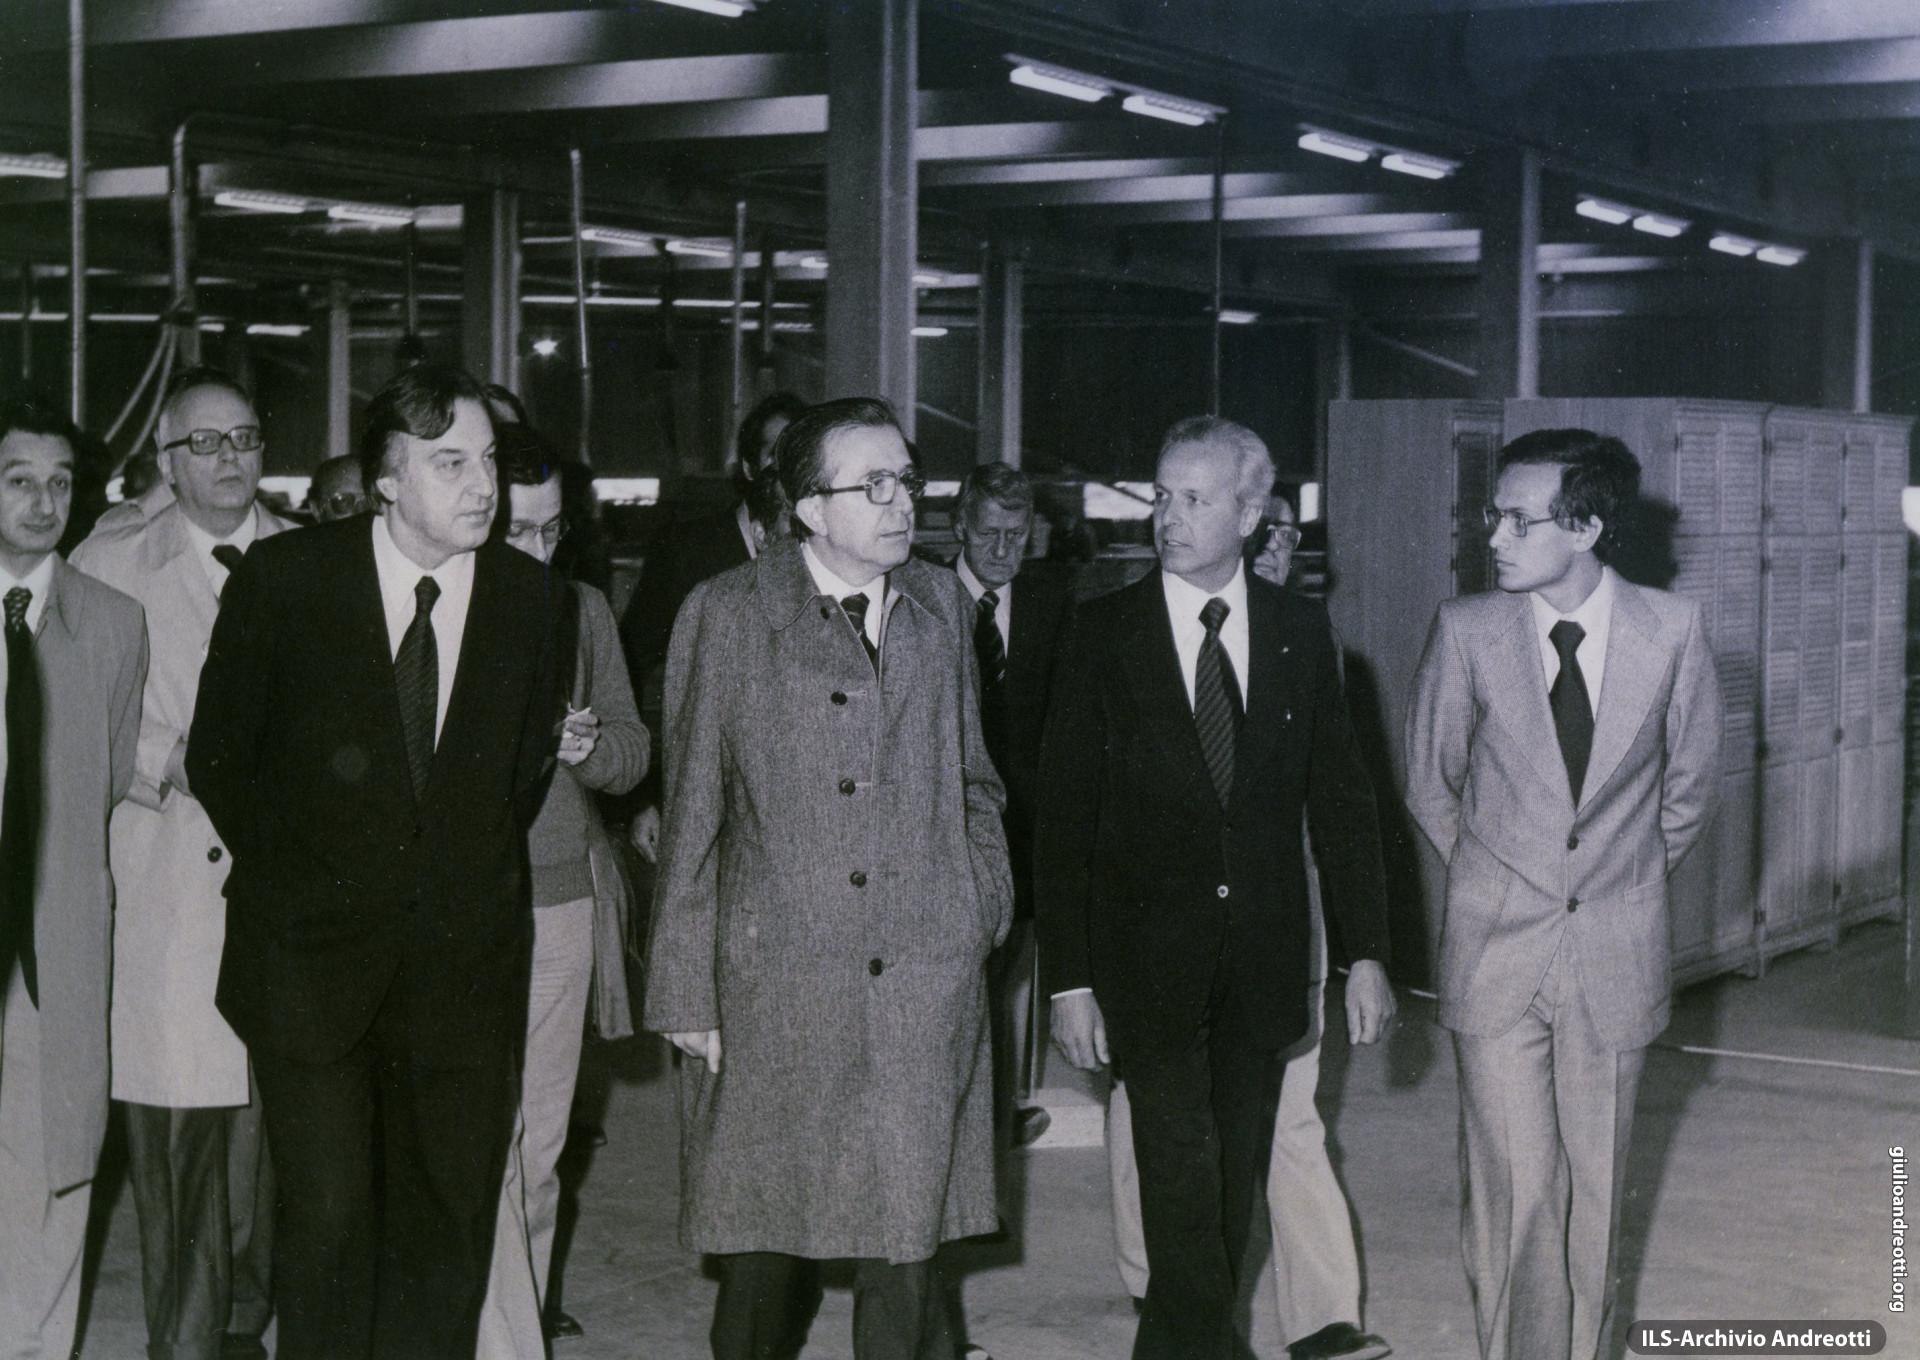 4 settembre 1976. Prima pietra dello stabilimento Fantoni Arredamenti SpA. Alla destra di Andreotti il ministro del Lavoro Mario Toros.